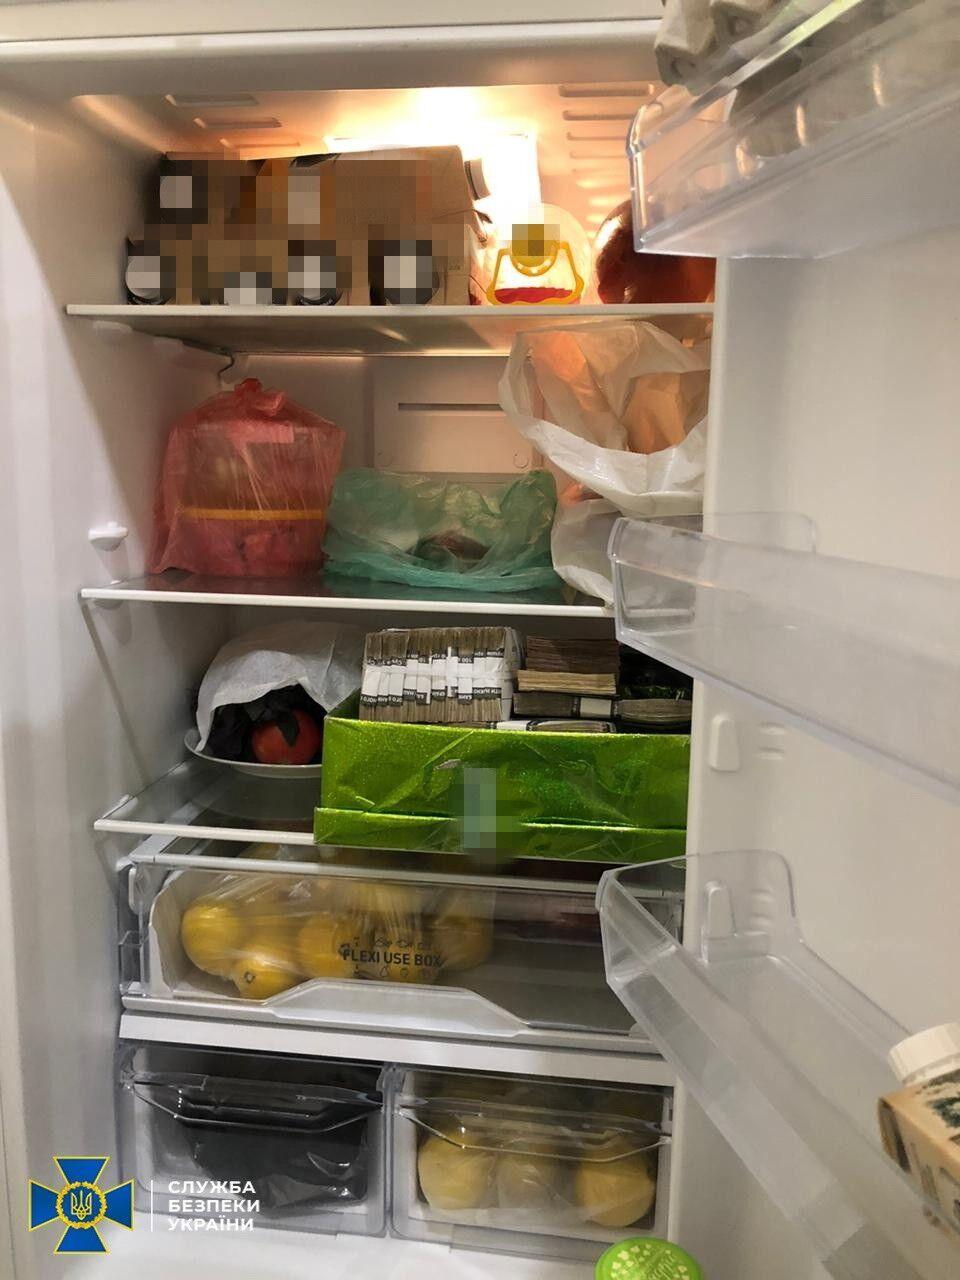 """Гроші учасники схеми на """"Укрзалізниці"""" сховали в холодильнику."""